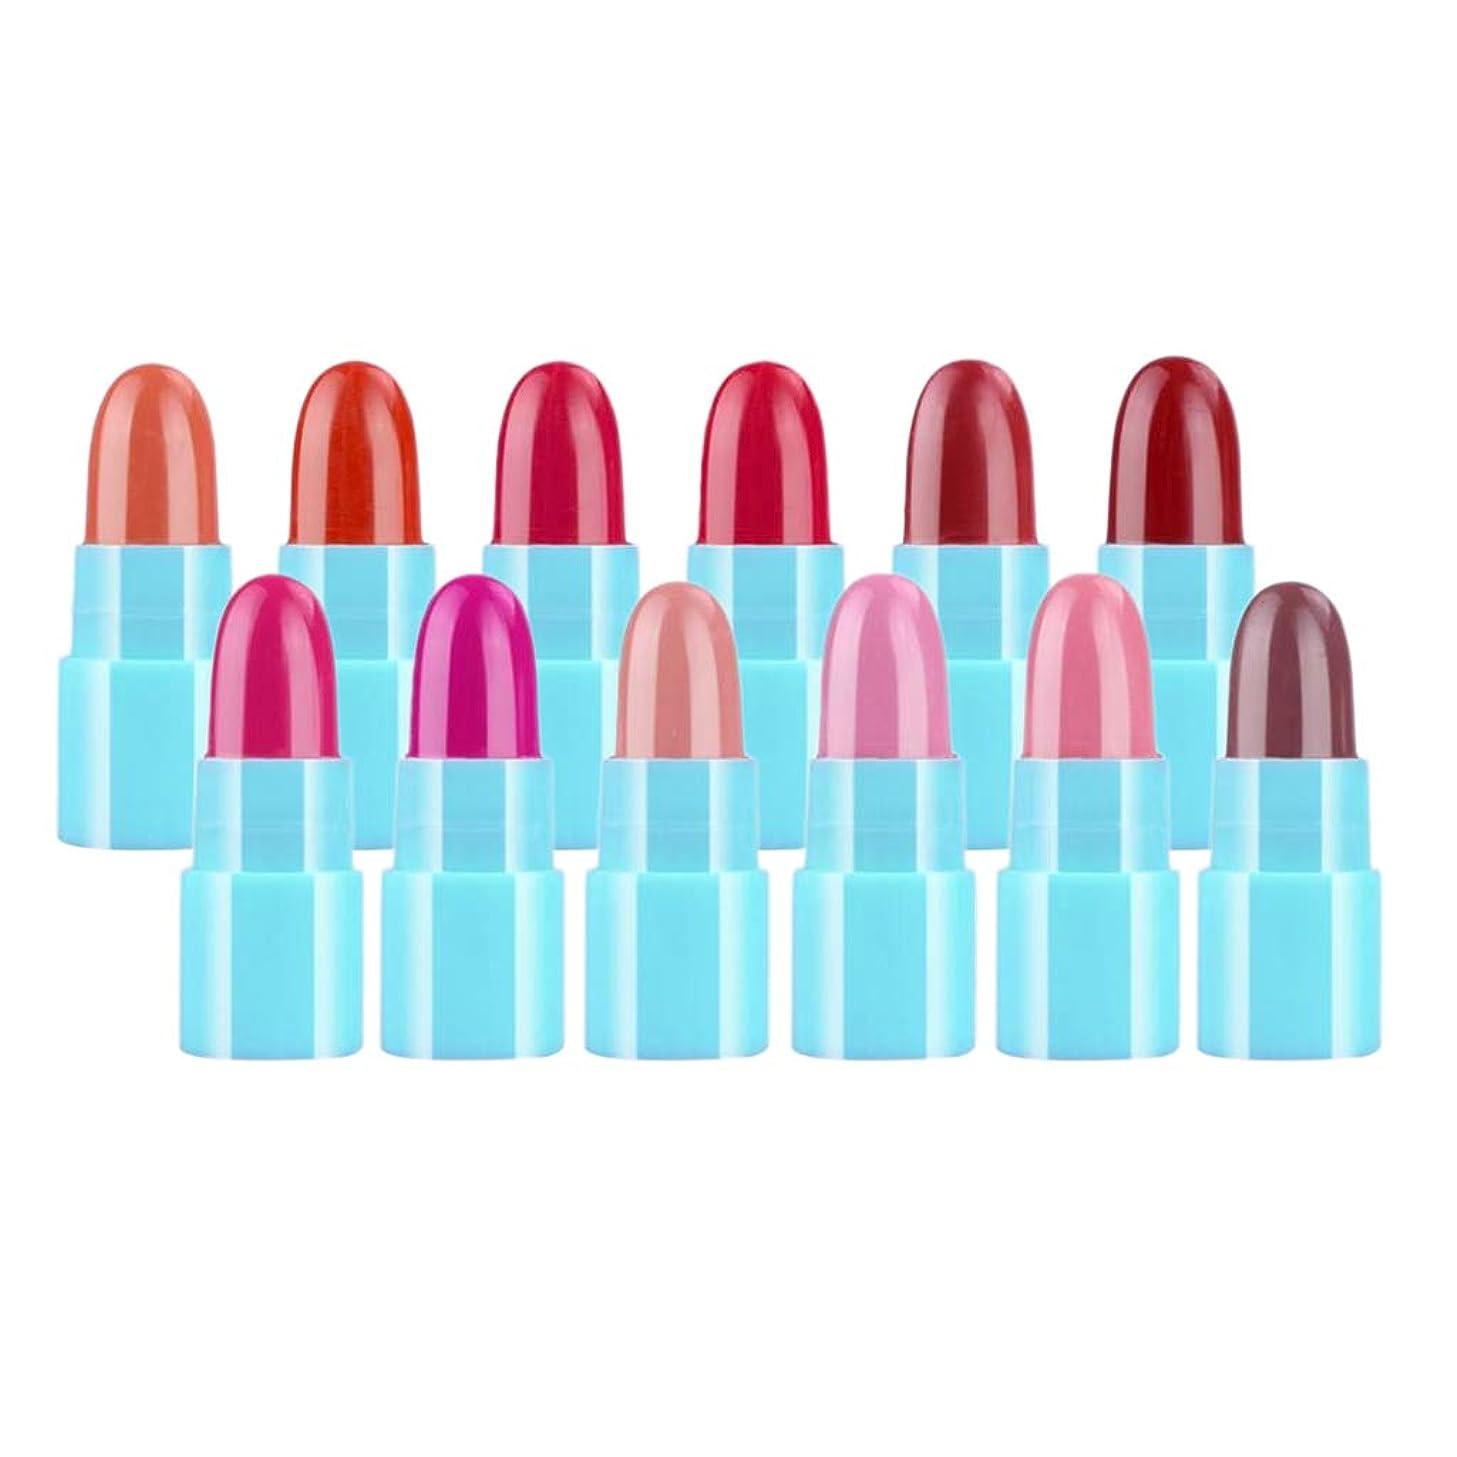 引数量で後者Sharplace 口紅 リップグロス 唇メイク ミニサイズ リップスティック リップライナー メイク 道具 12色